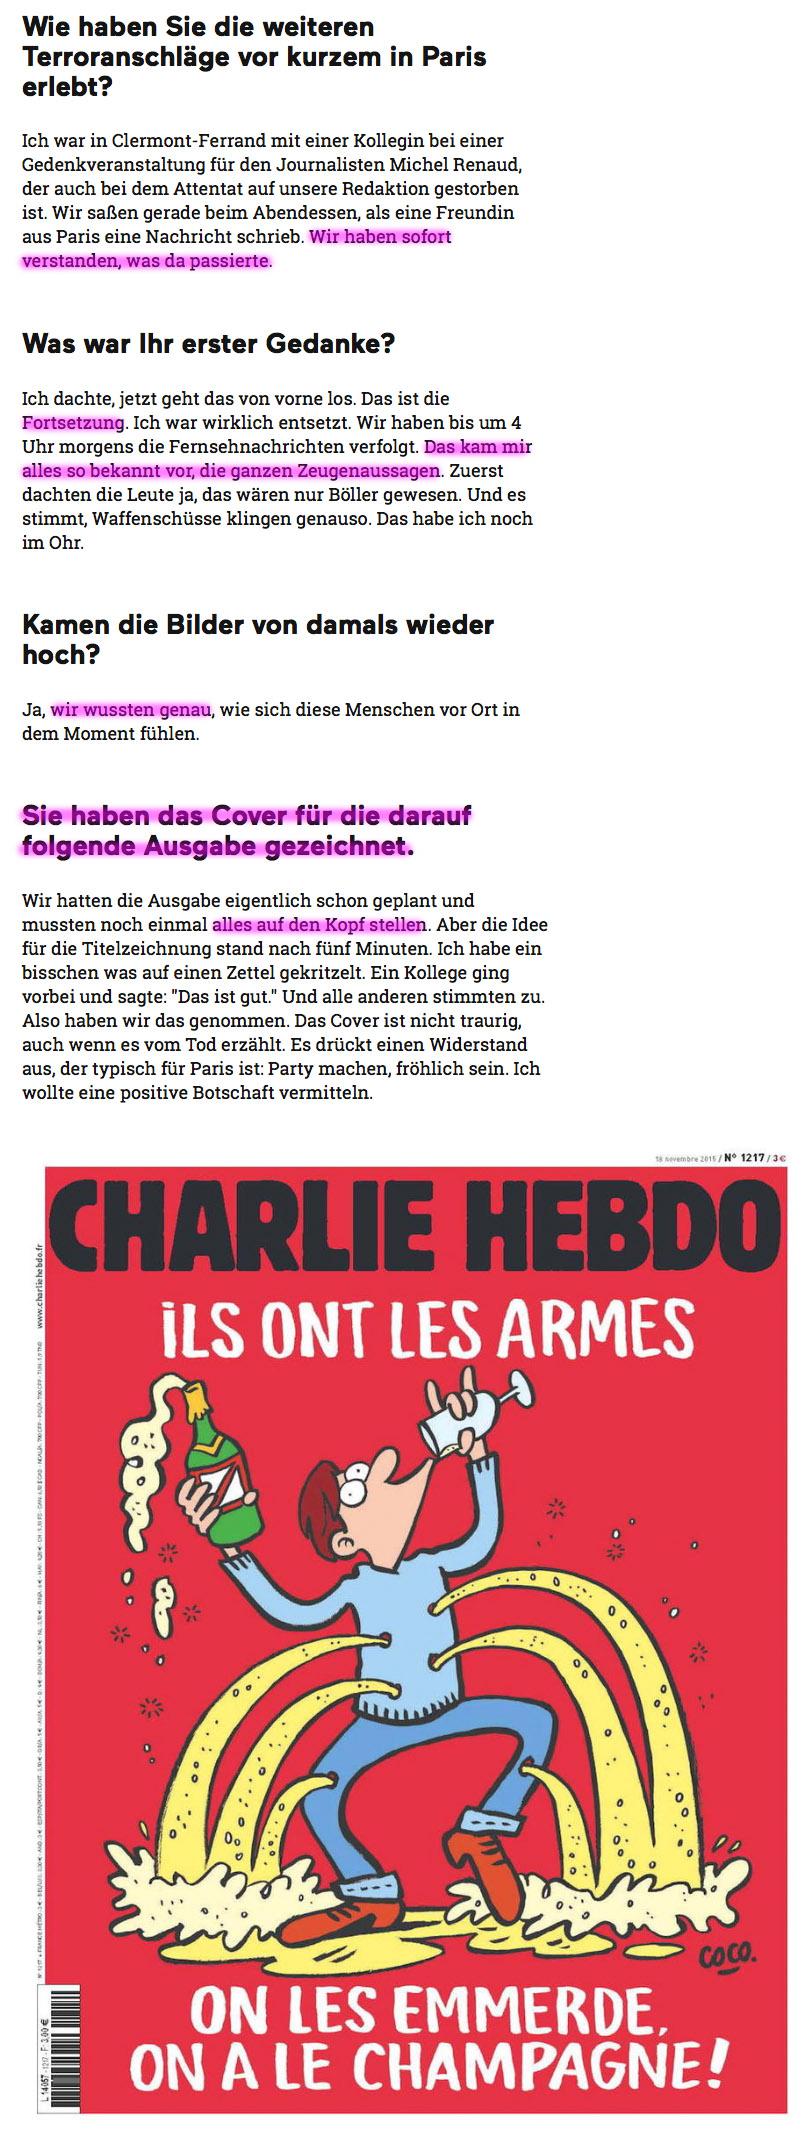 """Überfall auf französisches Satiremagazin """"Charlie Hebdo"""" 7.1.2015 Charly"""